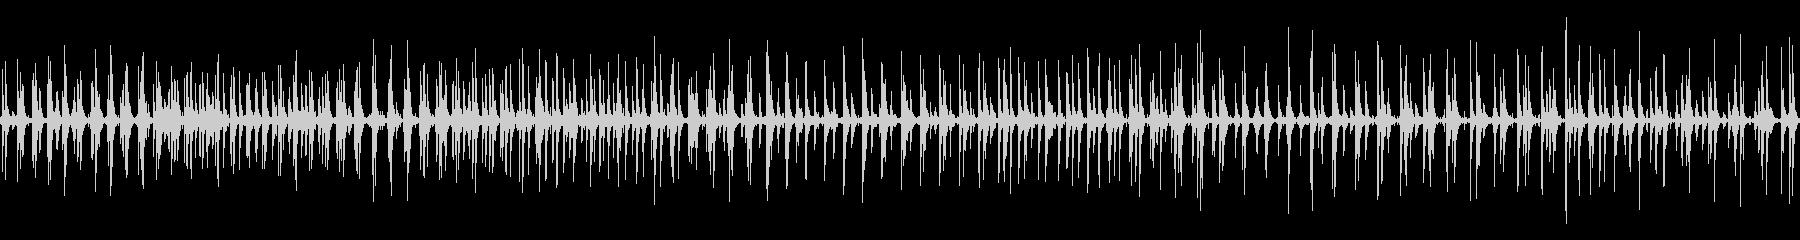 リズミカルなトタンに雨が落ちる音 ループの未再生の波形